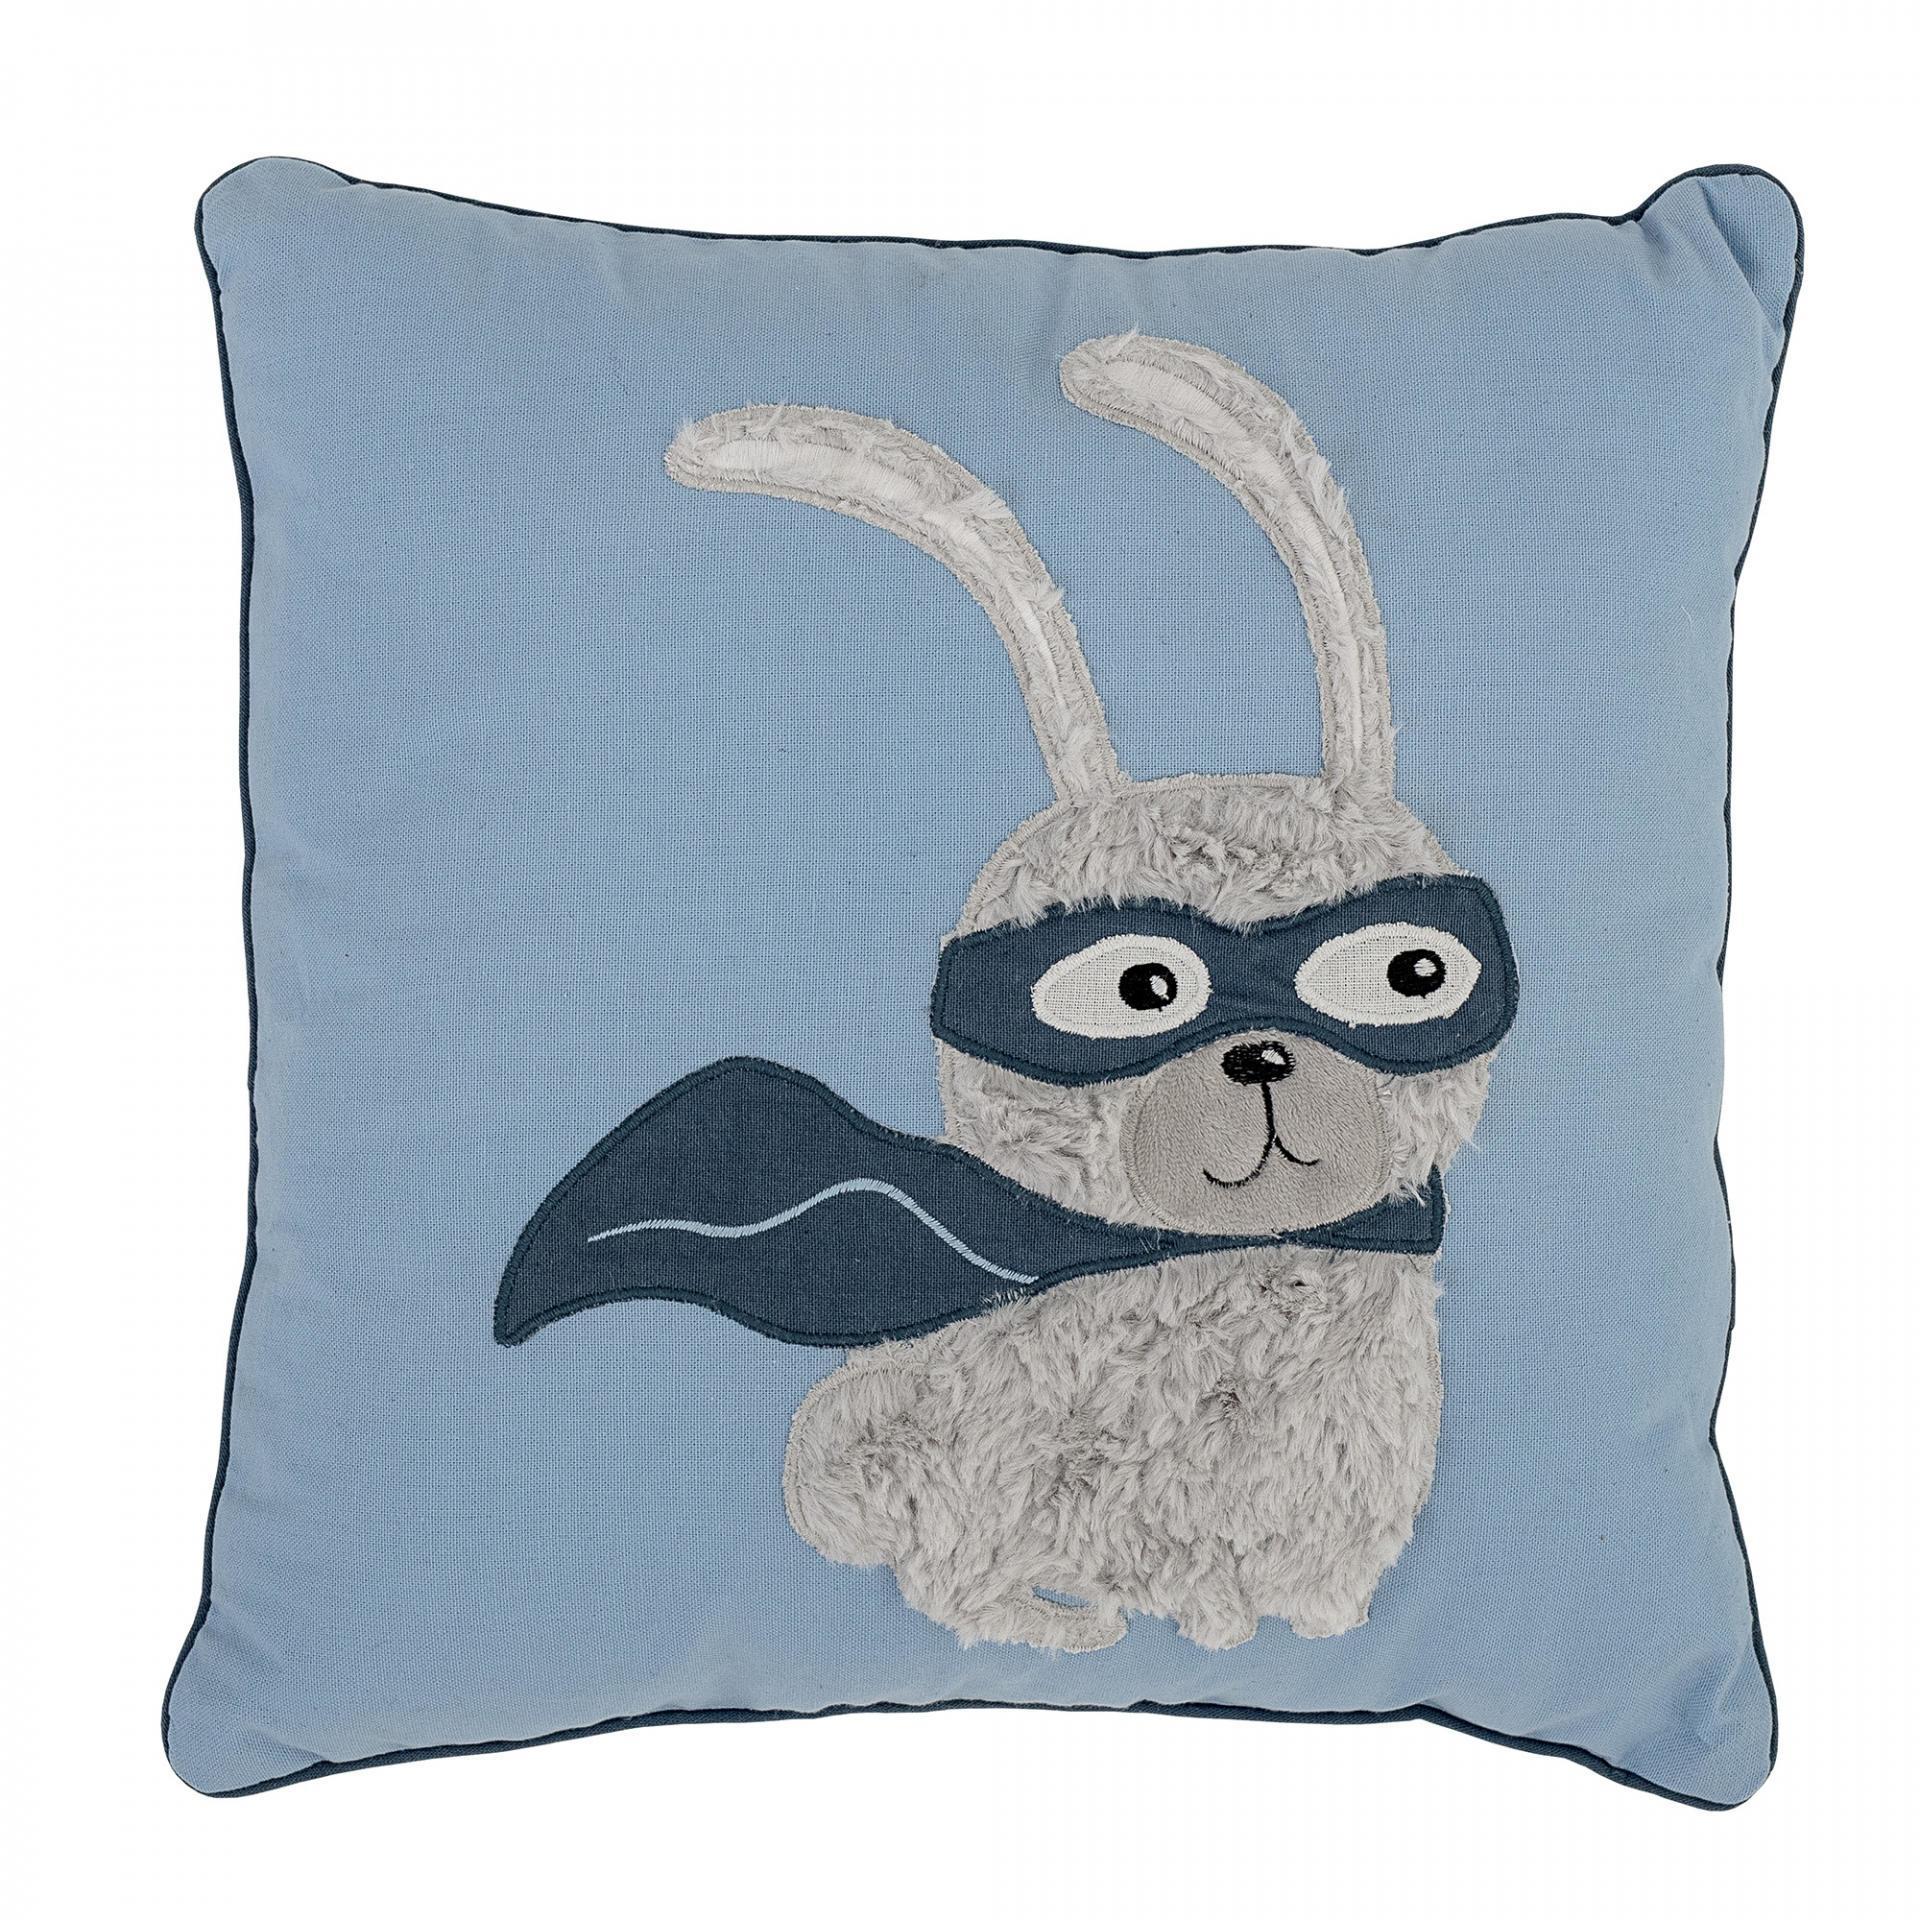 Bloomingville Dětský polštářek Superhero, modrá barva, textil